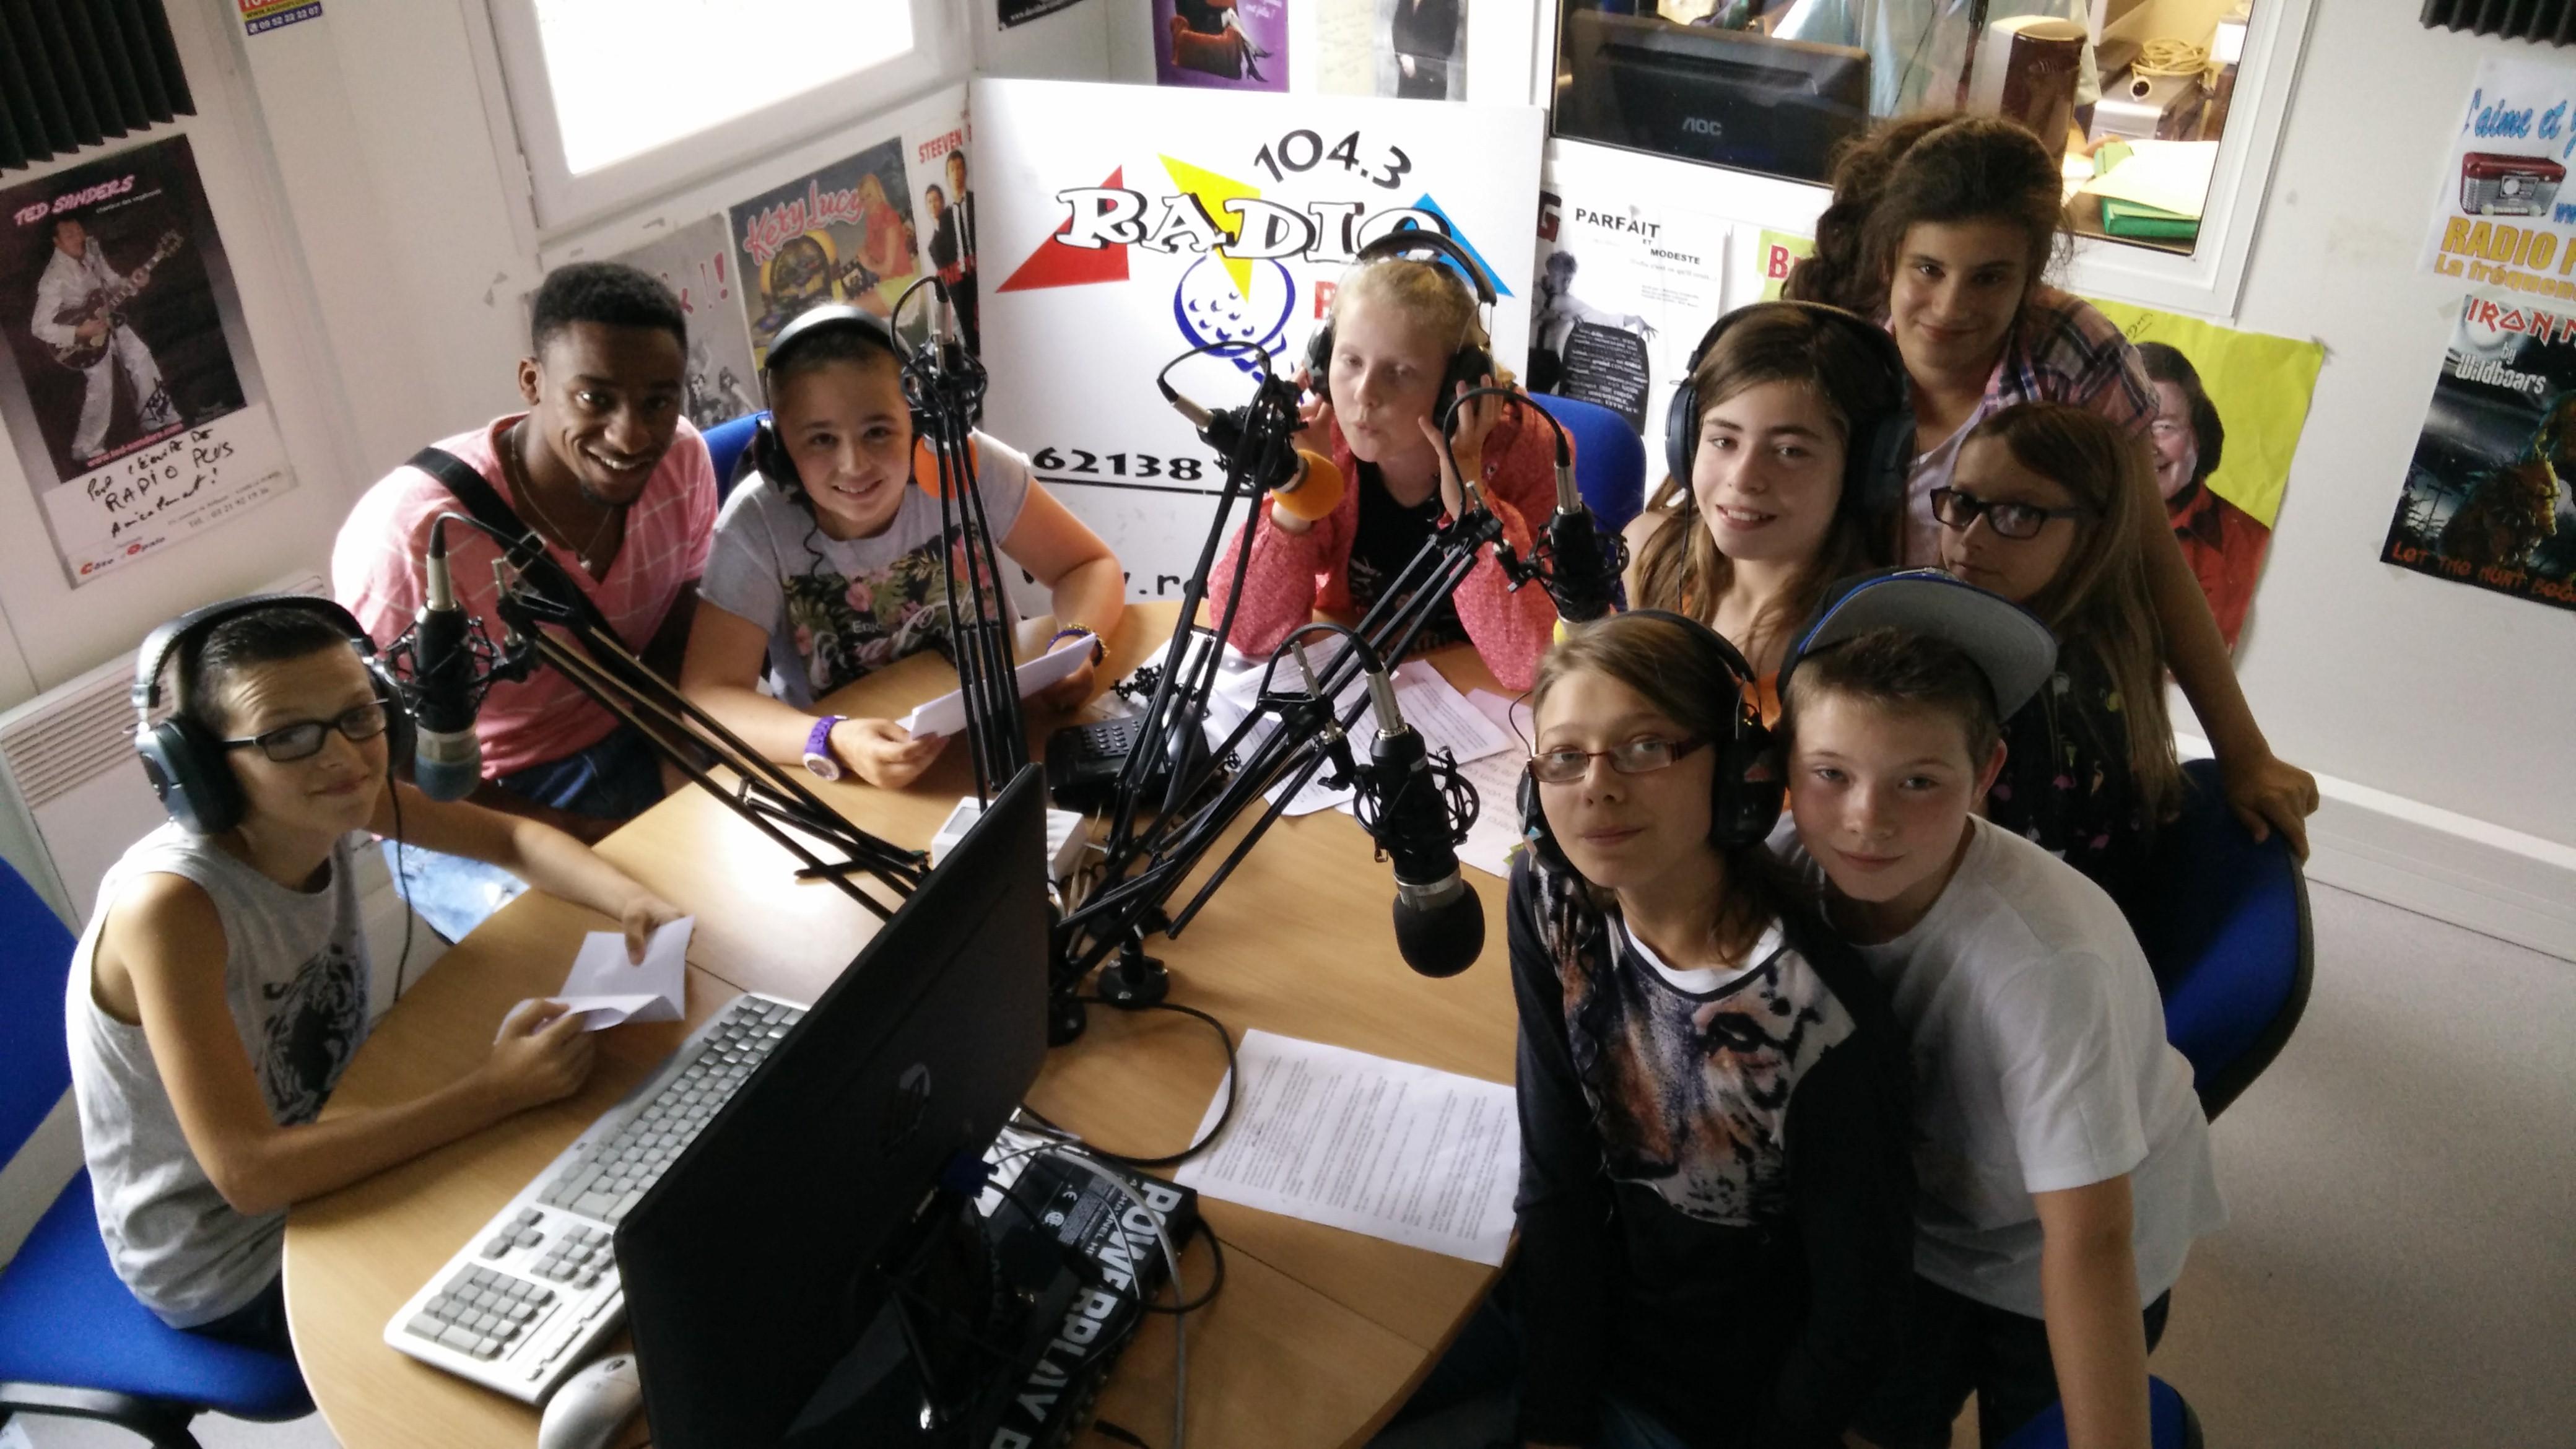 Les jeunes prennent le contrôle de Radio Plus